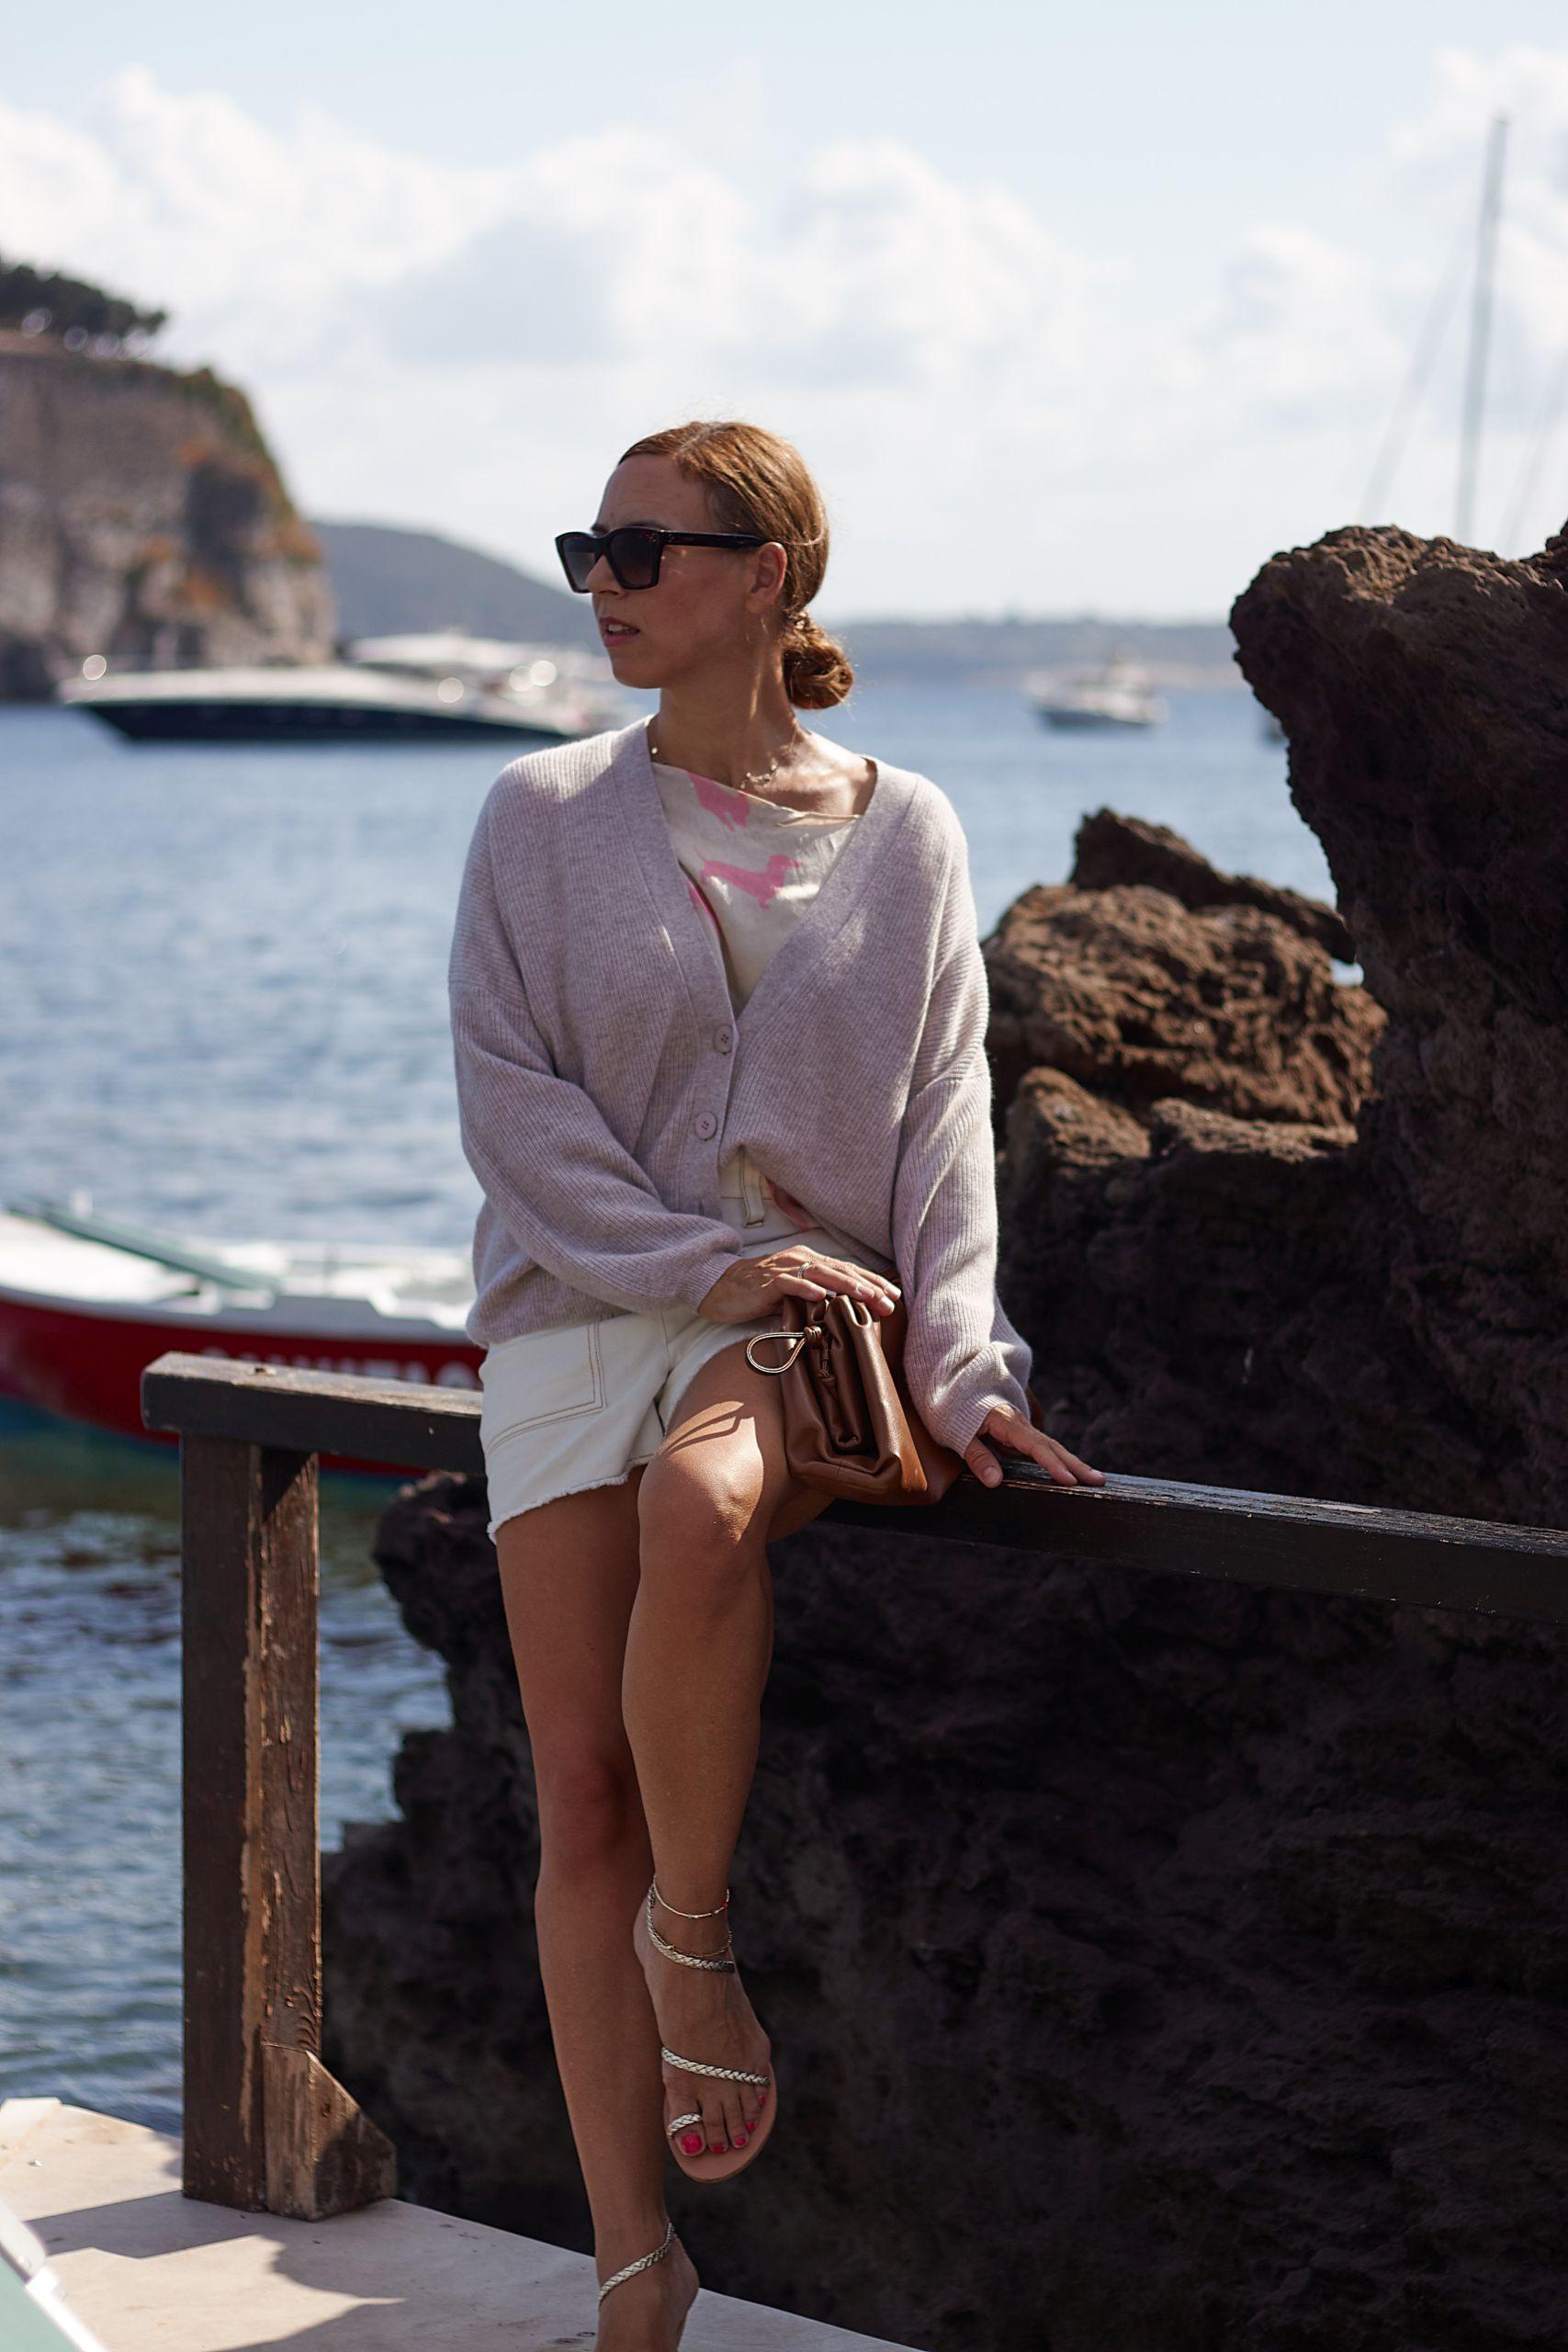 Alba Moda Cashmere Cardigan im Coco Mare in Carta Romana